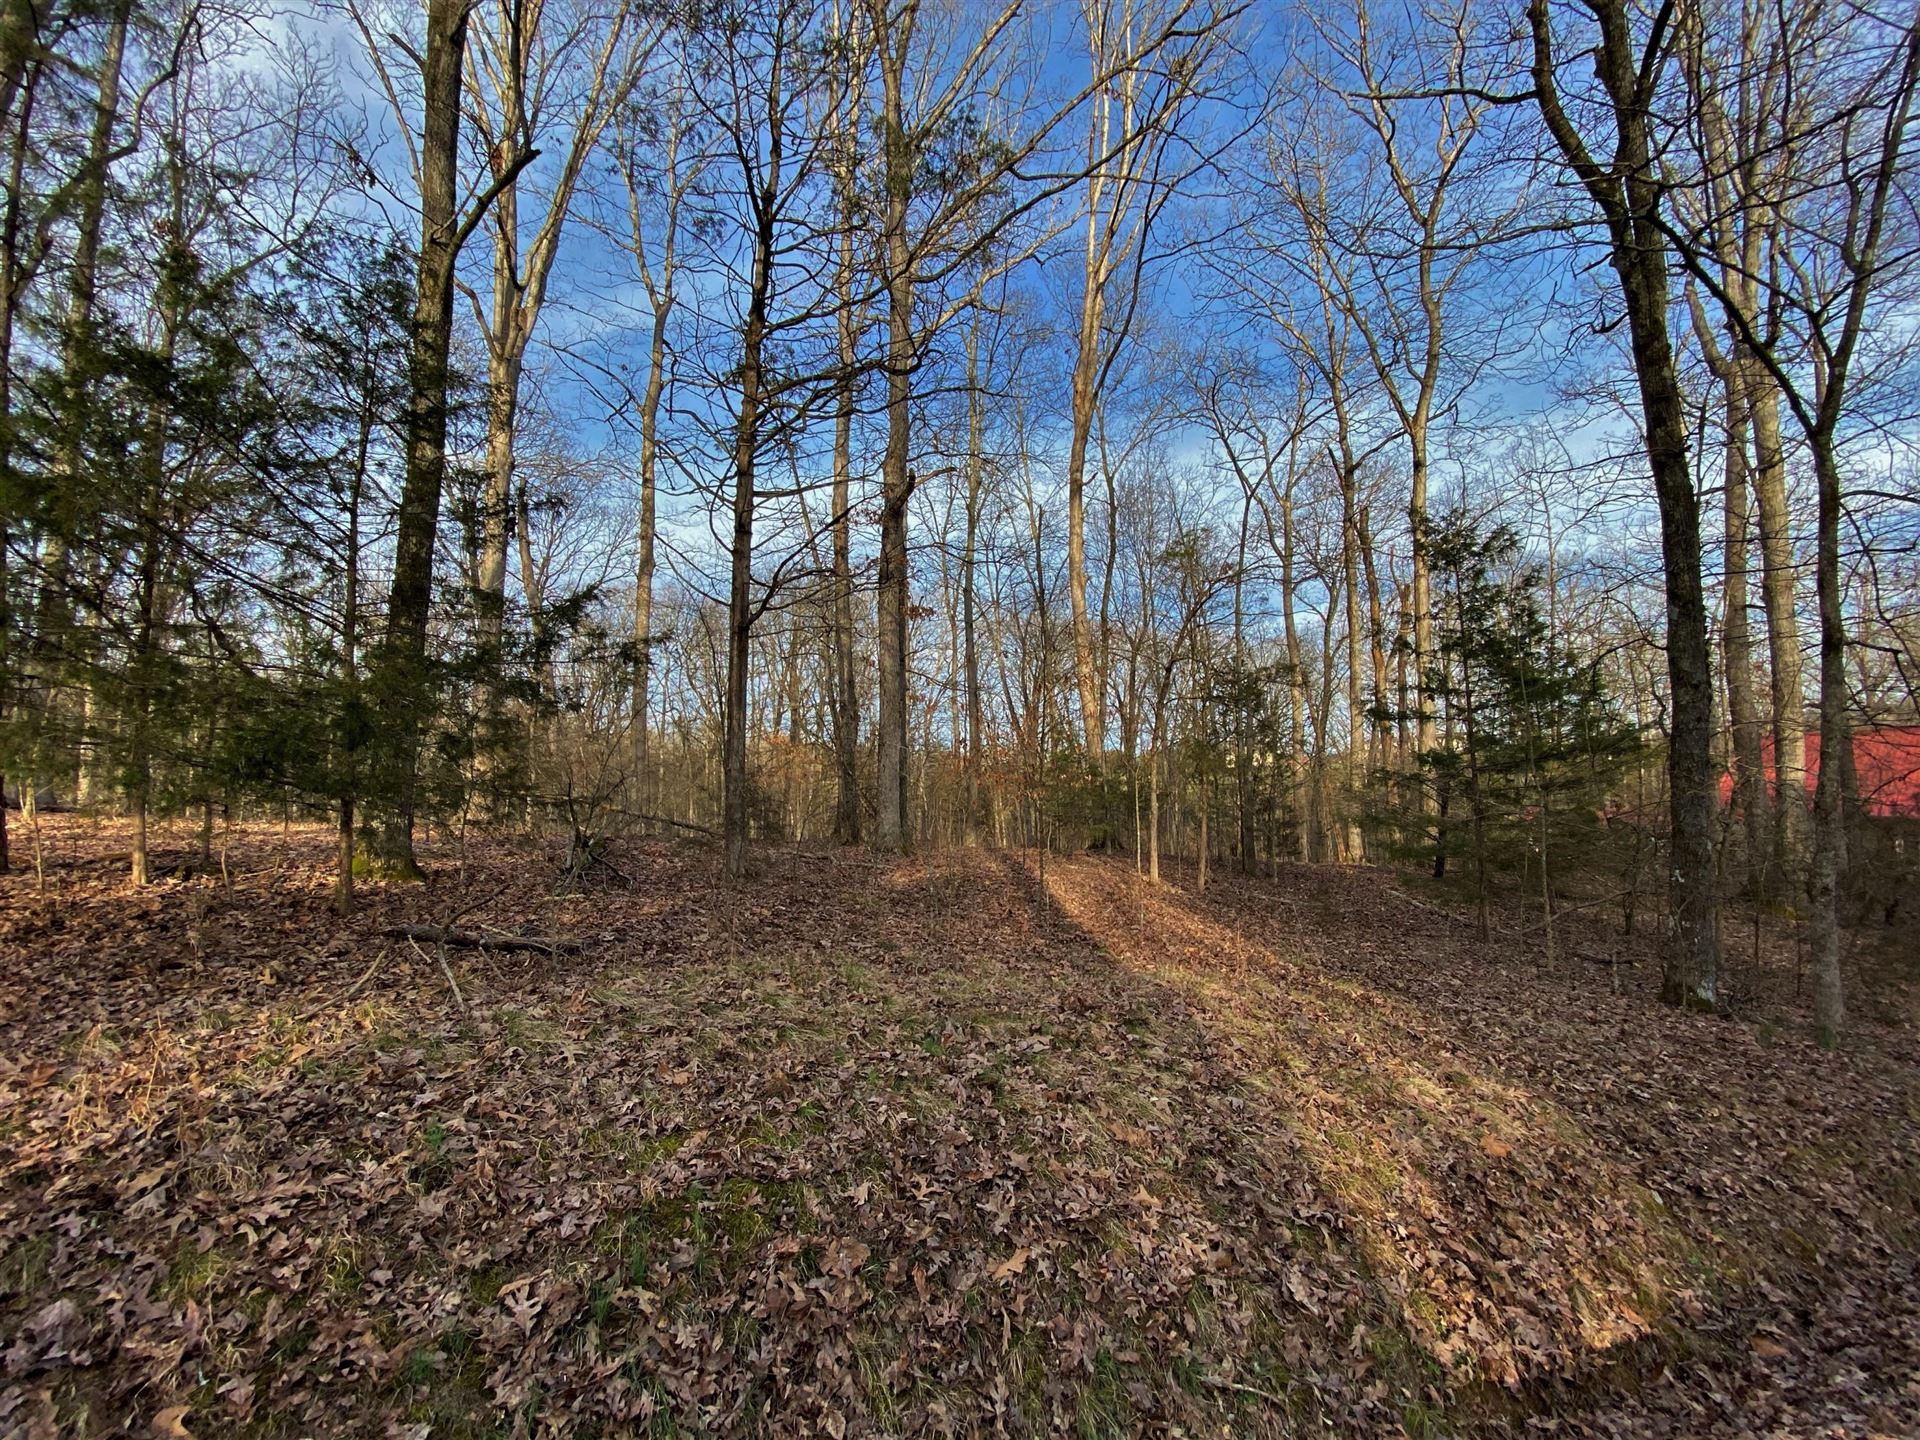 Photo of Lots 46-47 Emerald Way, Parrotsville, TN 37843 (MLS # 9905332)